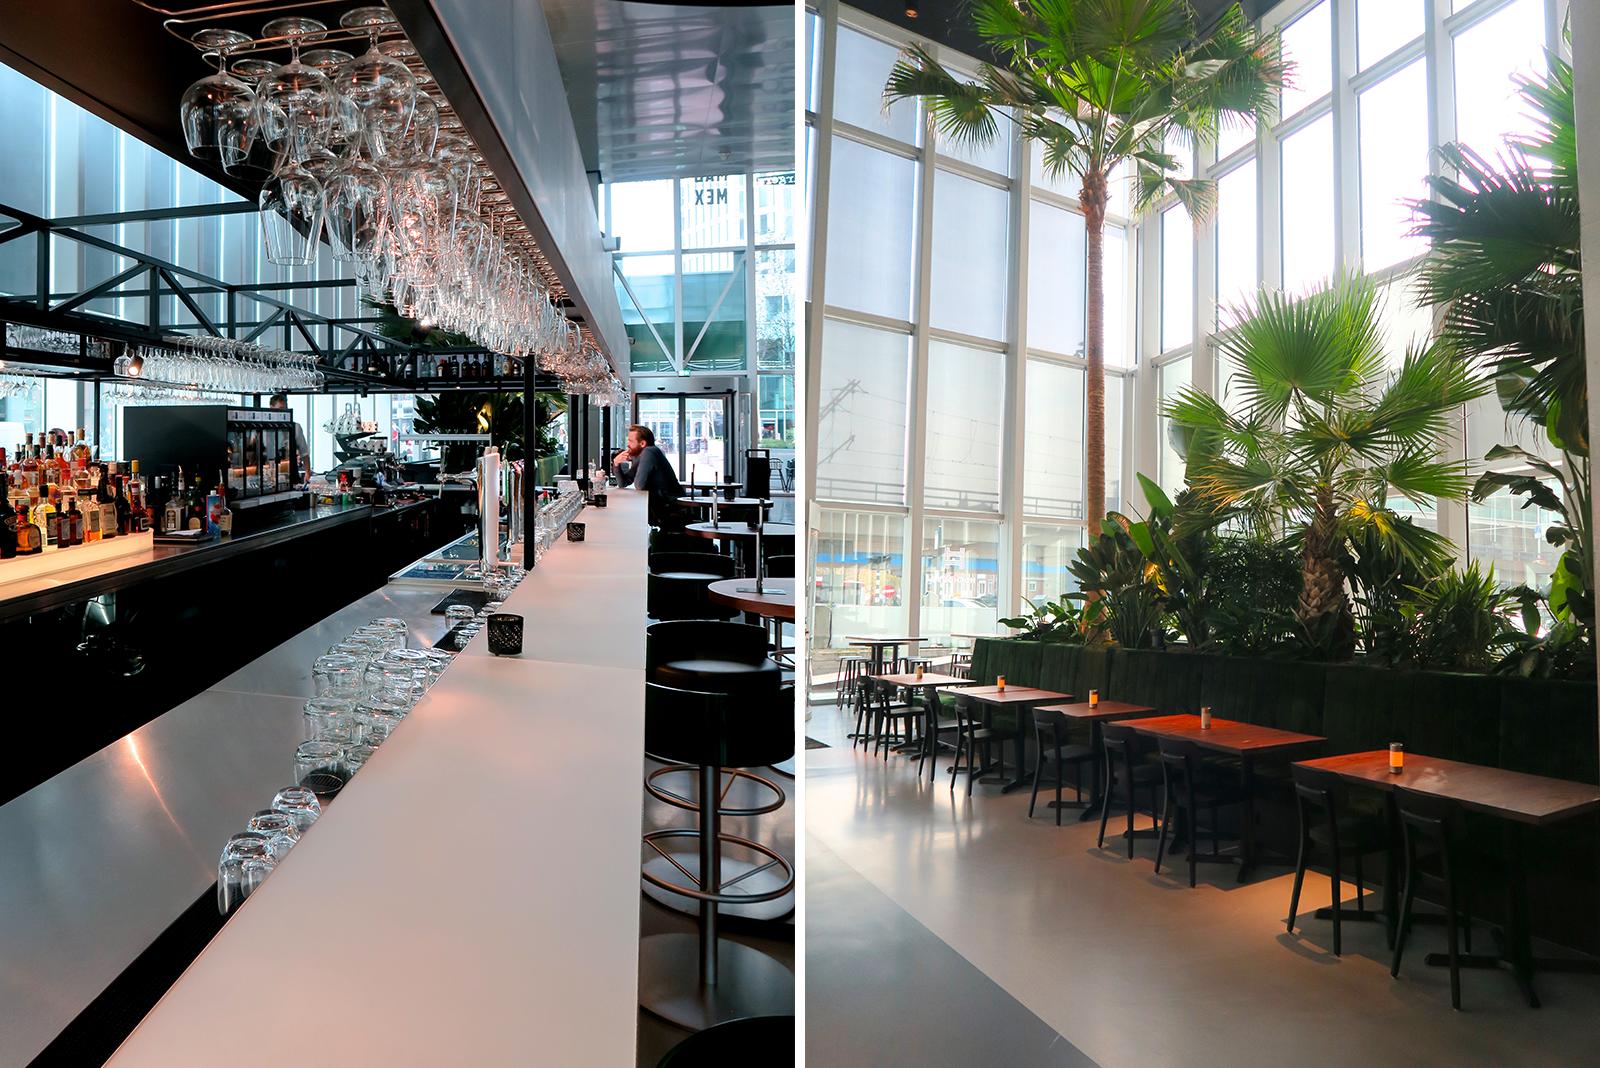 5 X de leukste plekjes om een drankje te doen in Den Haag. Den Haag is een stad die de laatste jaren enorm is veranderd. Er zijn super leuke restaurants en kroegen bijgekomen. Wij maakte een lijst met de 5 X de leukste plekjes om een drankje te doen in Den Haag.